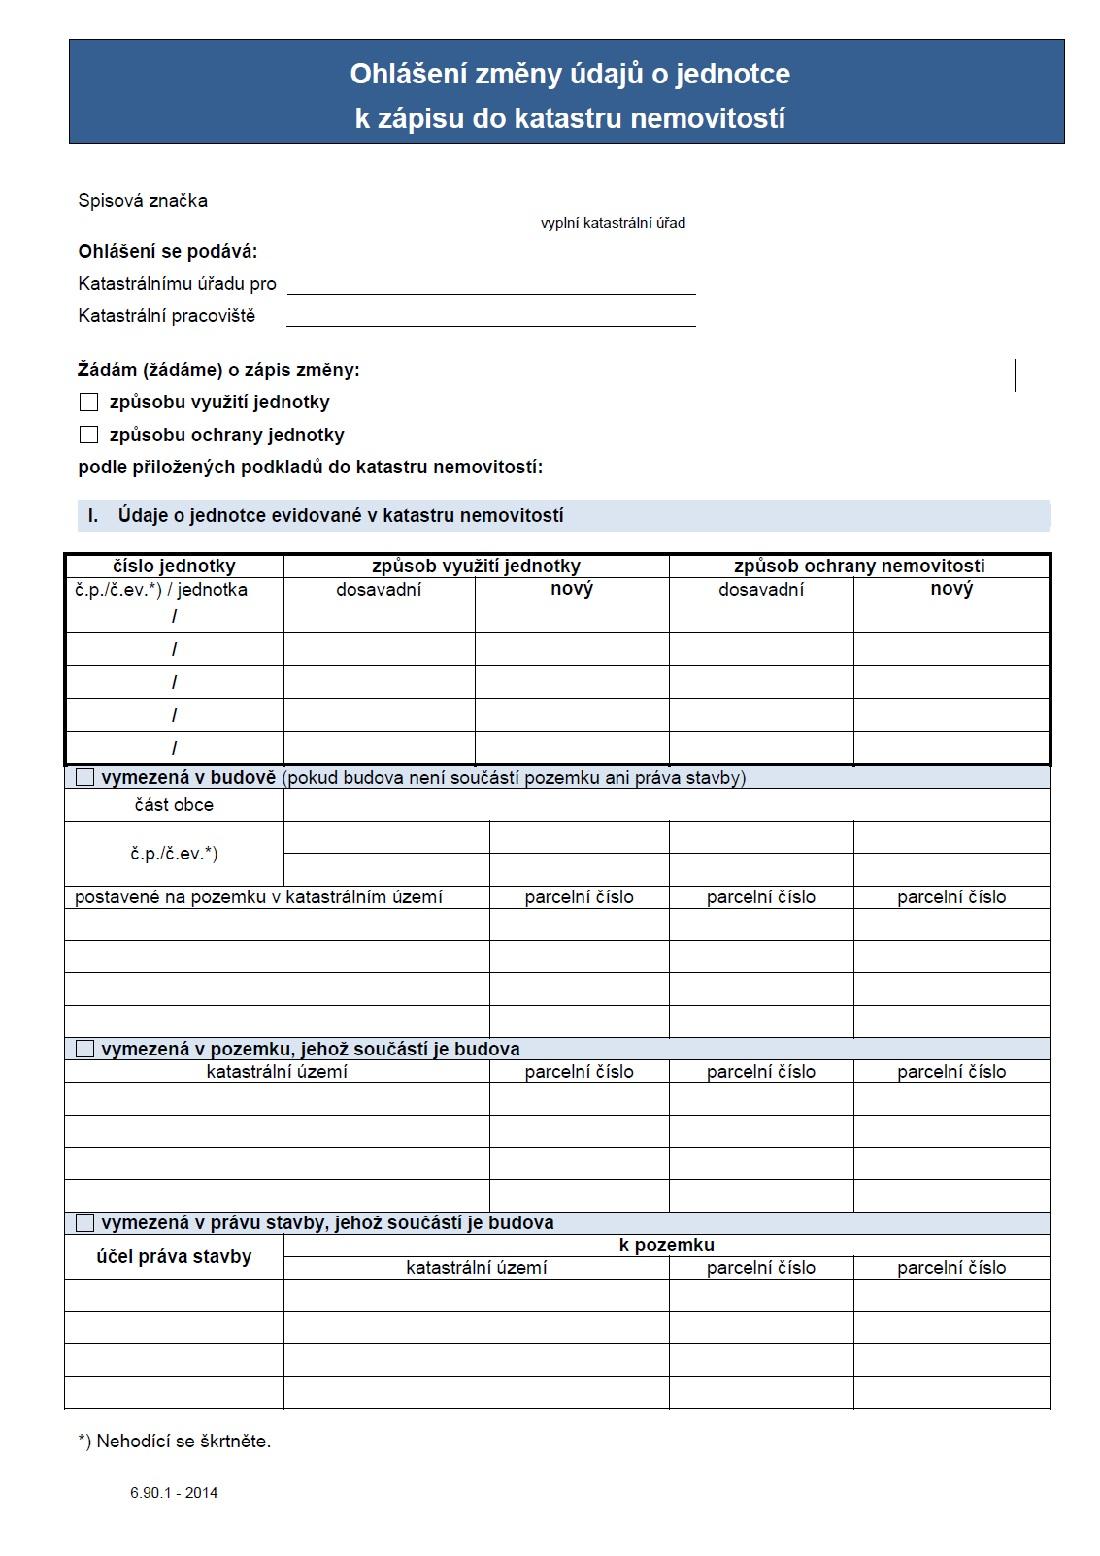 Ohlášení změny údajů o jednotce k zápisu do katastru nemovitostí (ČÚZK)